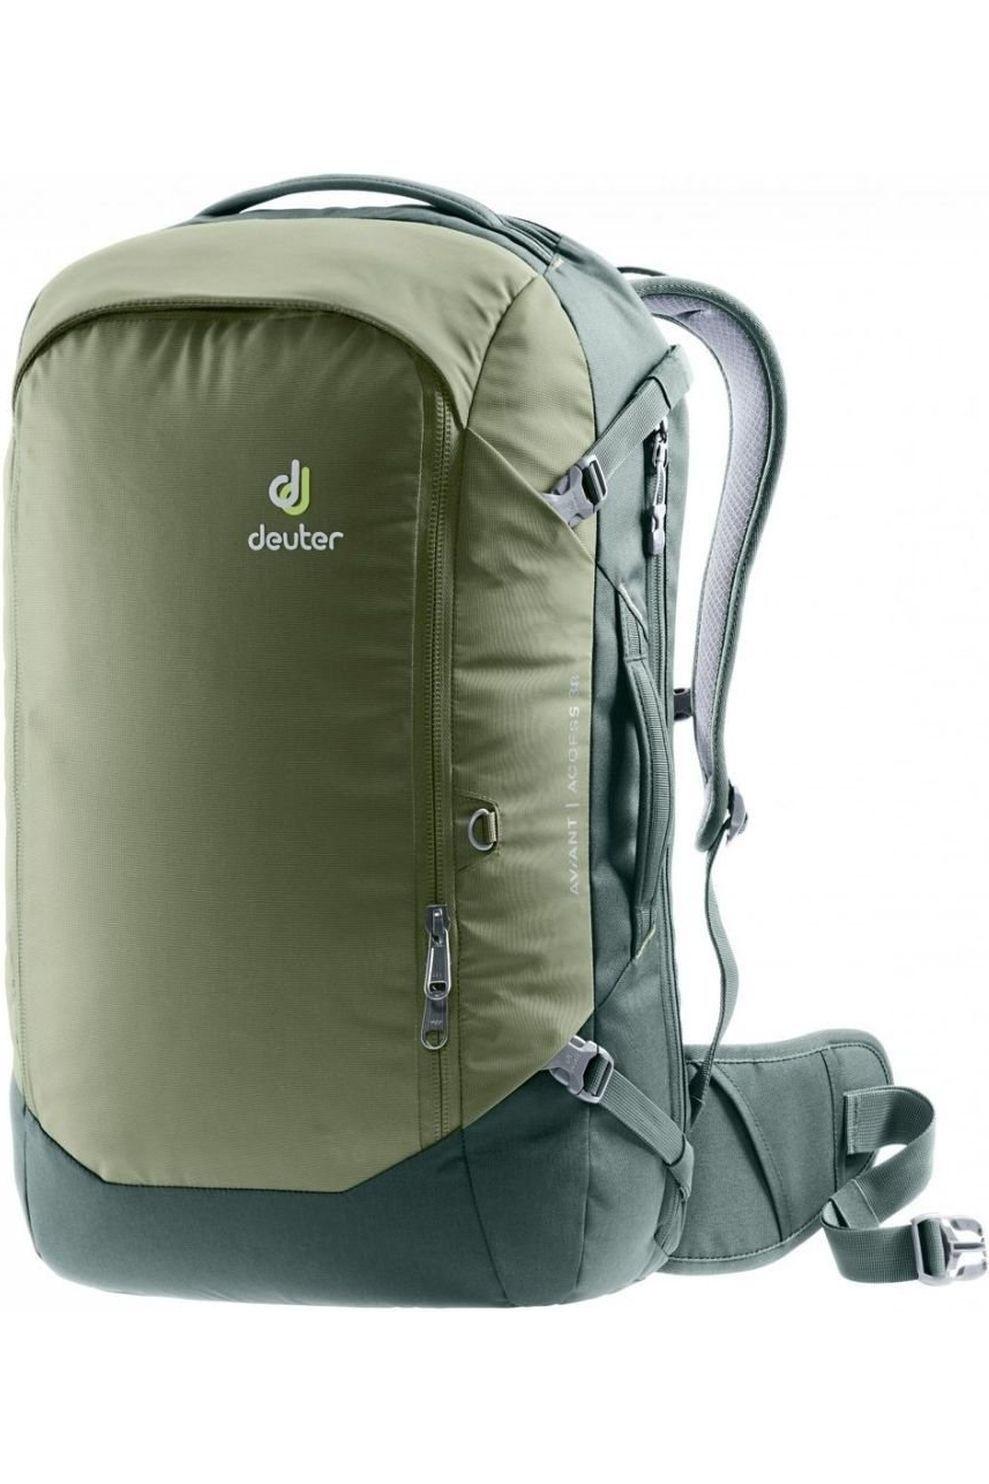 Deuter Tourpack Aviant Access 38 voor heren - LichtGroen/MiddenGroen